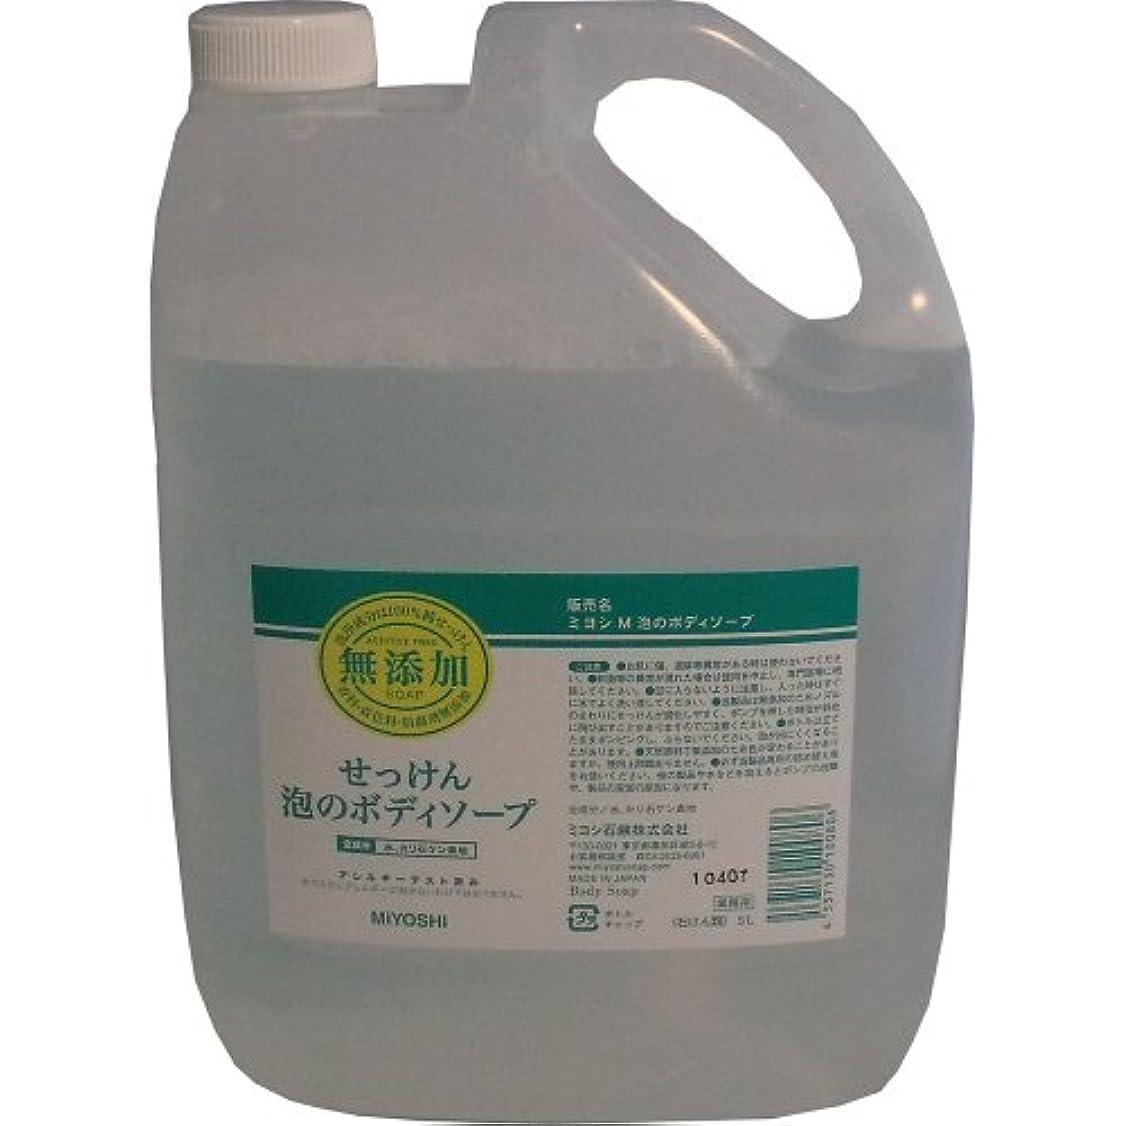 ボーナス良心素朴なミヨシ石鹸無添加せっけん 泡のボディソープ 5L×4個セット 取り寄せ商品のため7-10日かかります